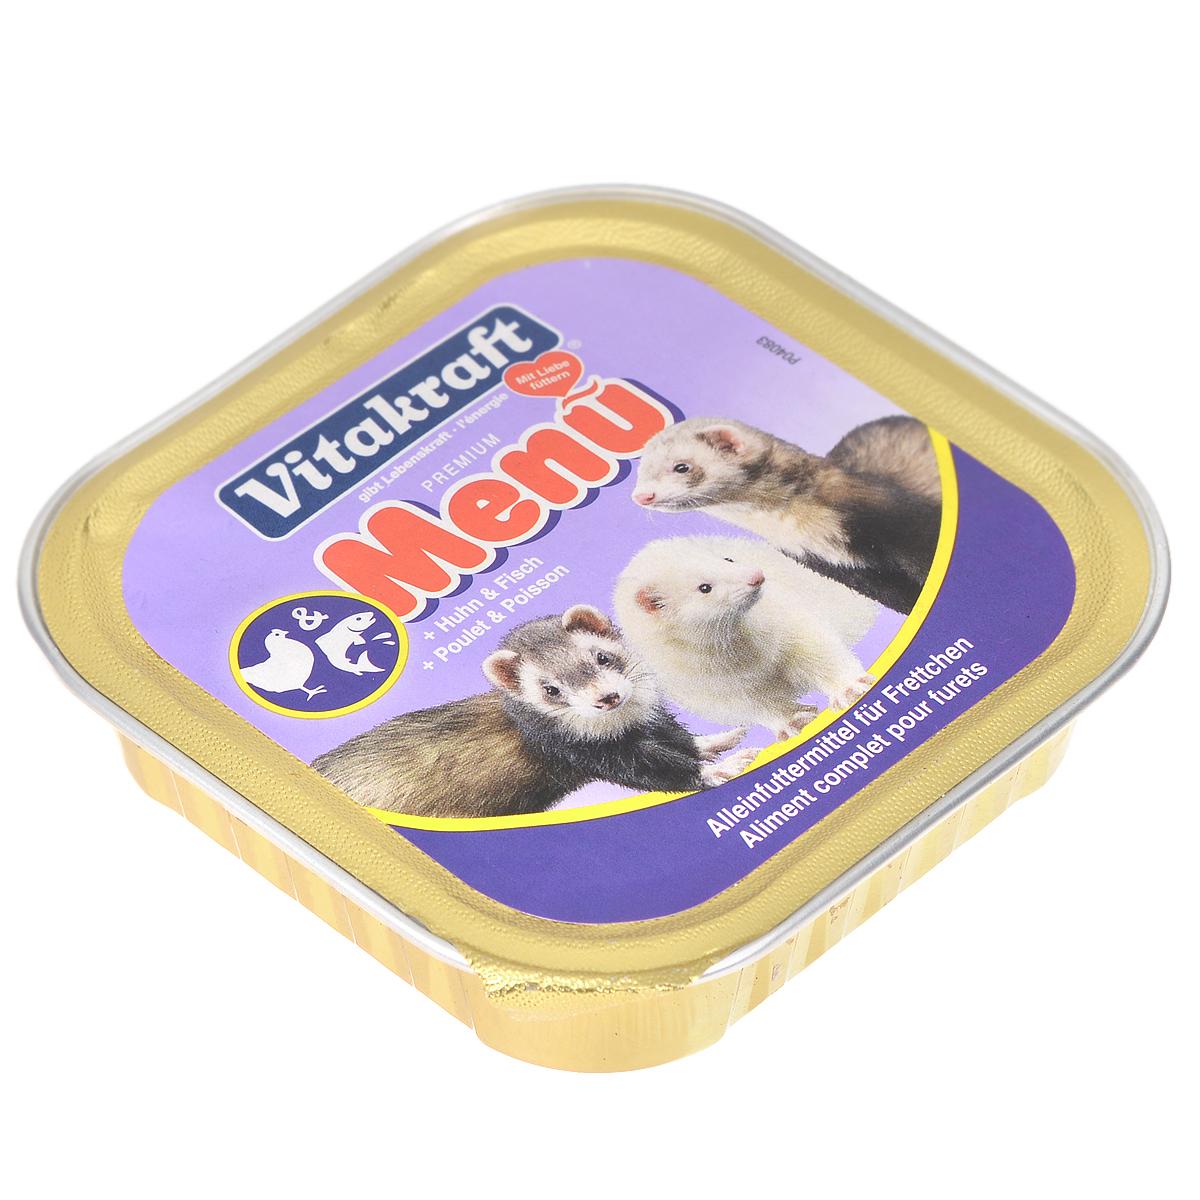 Консервы для хорьков Vitakraft Delikatess Menu, 100 г492020-492320Корм Vitakraft Delikatess Menu для хорьков для ежедневного применения. В консервах содержится комплекс жирных кислот, витаминов и минералов, заботящихся о хорошем внешнем виде шерсти и кожи животного.Благодаря оптимальному содержанию витаминов, минералов и питательных веществ рацион обеспечивает организм хорька всеми ресурсами, нужными для его нормальной жизнедеятельности и хорошего здоровья.Состав: мясо и мясные субпродукты, рыба и рыбные субпродукты, минералы. Пищевая ценность: 10% протеин, 5% жир, 0,2% клетчатка, 2% зола, 0,4% кальций, 0,3% фосфор, 82% влажность. Витамины: 30 мг витамин Е. Применение: давать 1 банку в день. Вес: 100 г. Уважаемые клиенты! Обращаем ваше внимание на возможные изменения в дизайне упаковки. Поставка осуществляется в зависимости от наличия на складе.